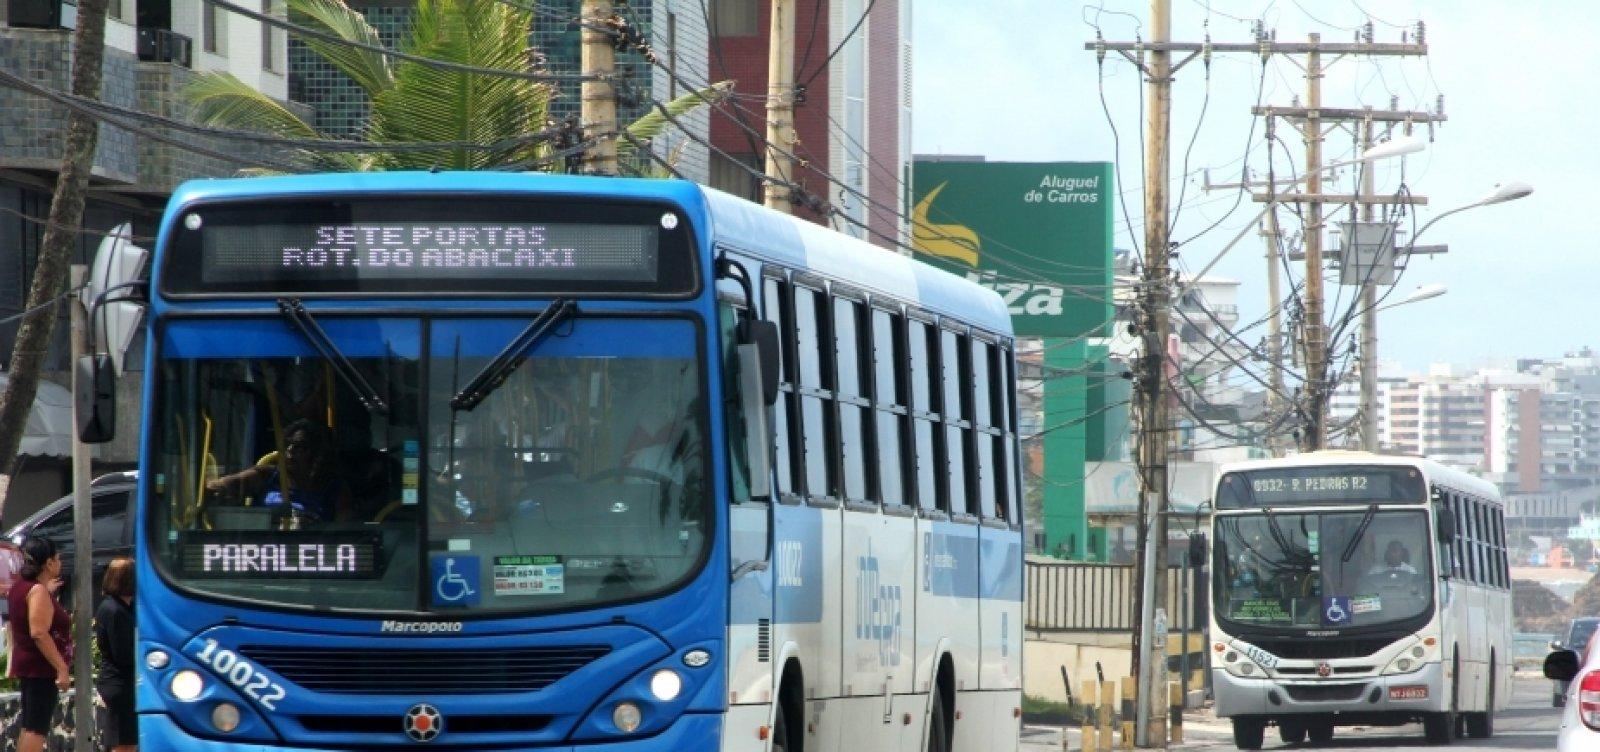 Semob faz mudanças em linhas, pontos e itinerários de ônibus em Salvador; confira